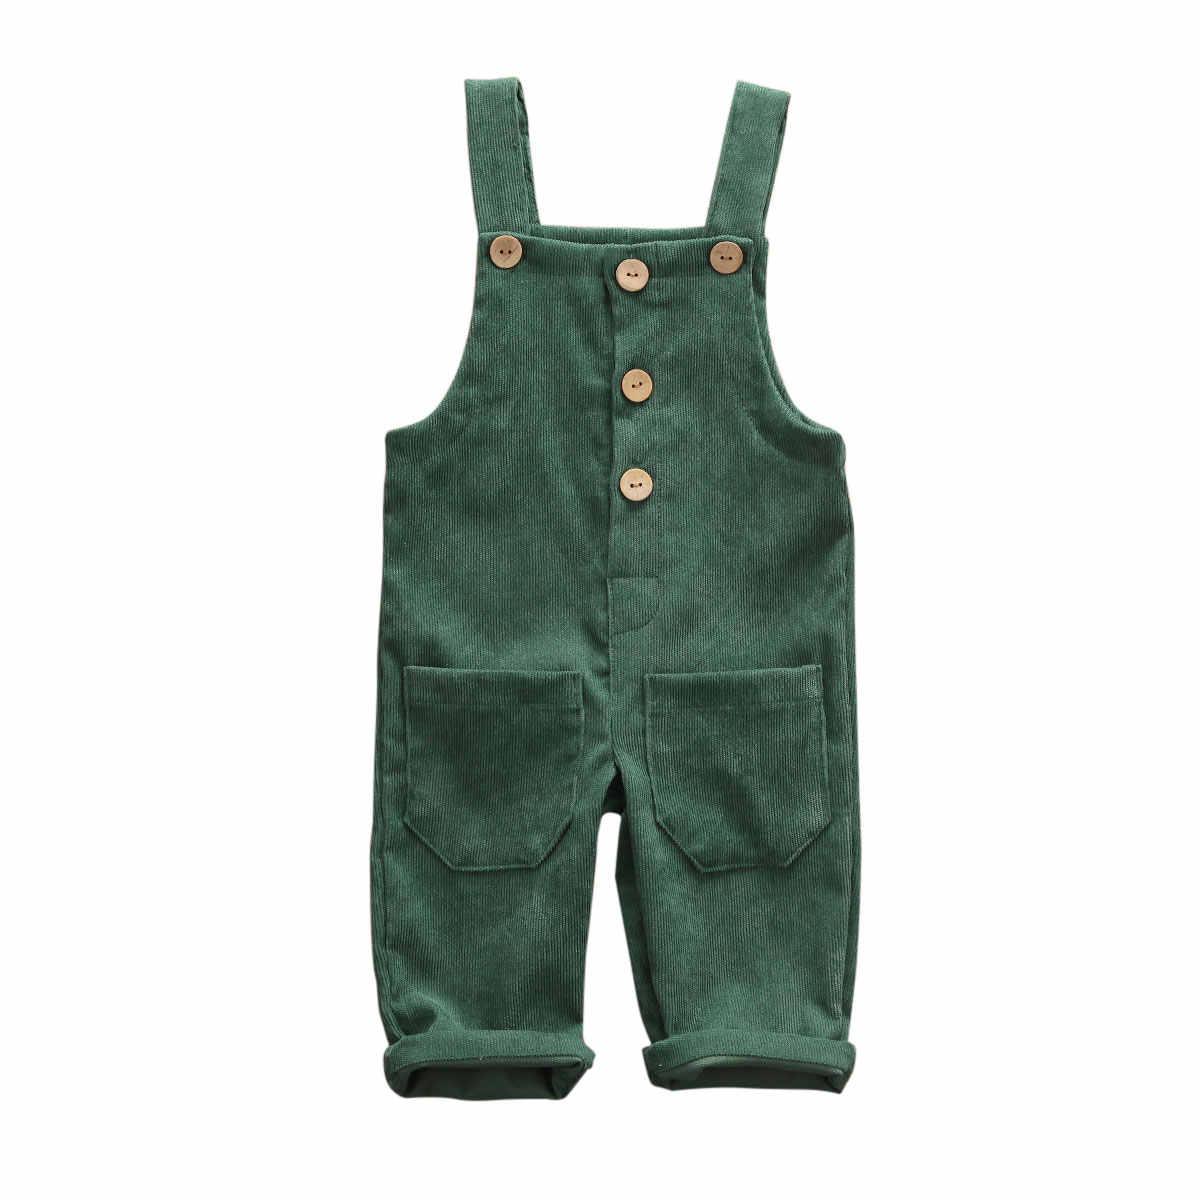 ยี่ห้อใหม่เด็ก Overalls เด็กวัยหัดเดินเด็กกางเกงกางเกง Casual Corduroy เด็ก Bib กางเกงกระเป๋าปุ่มจัดส่งฟรี